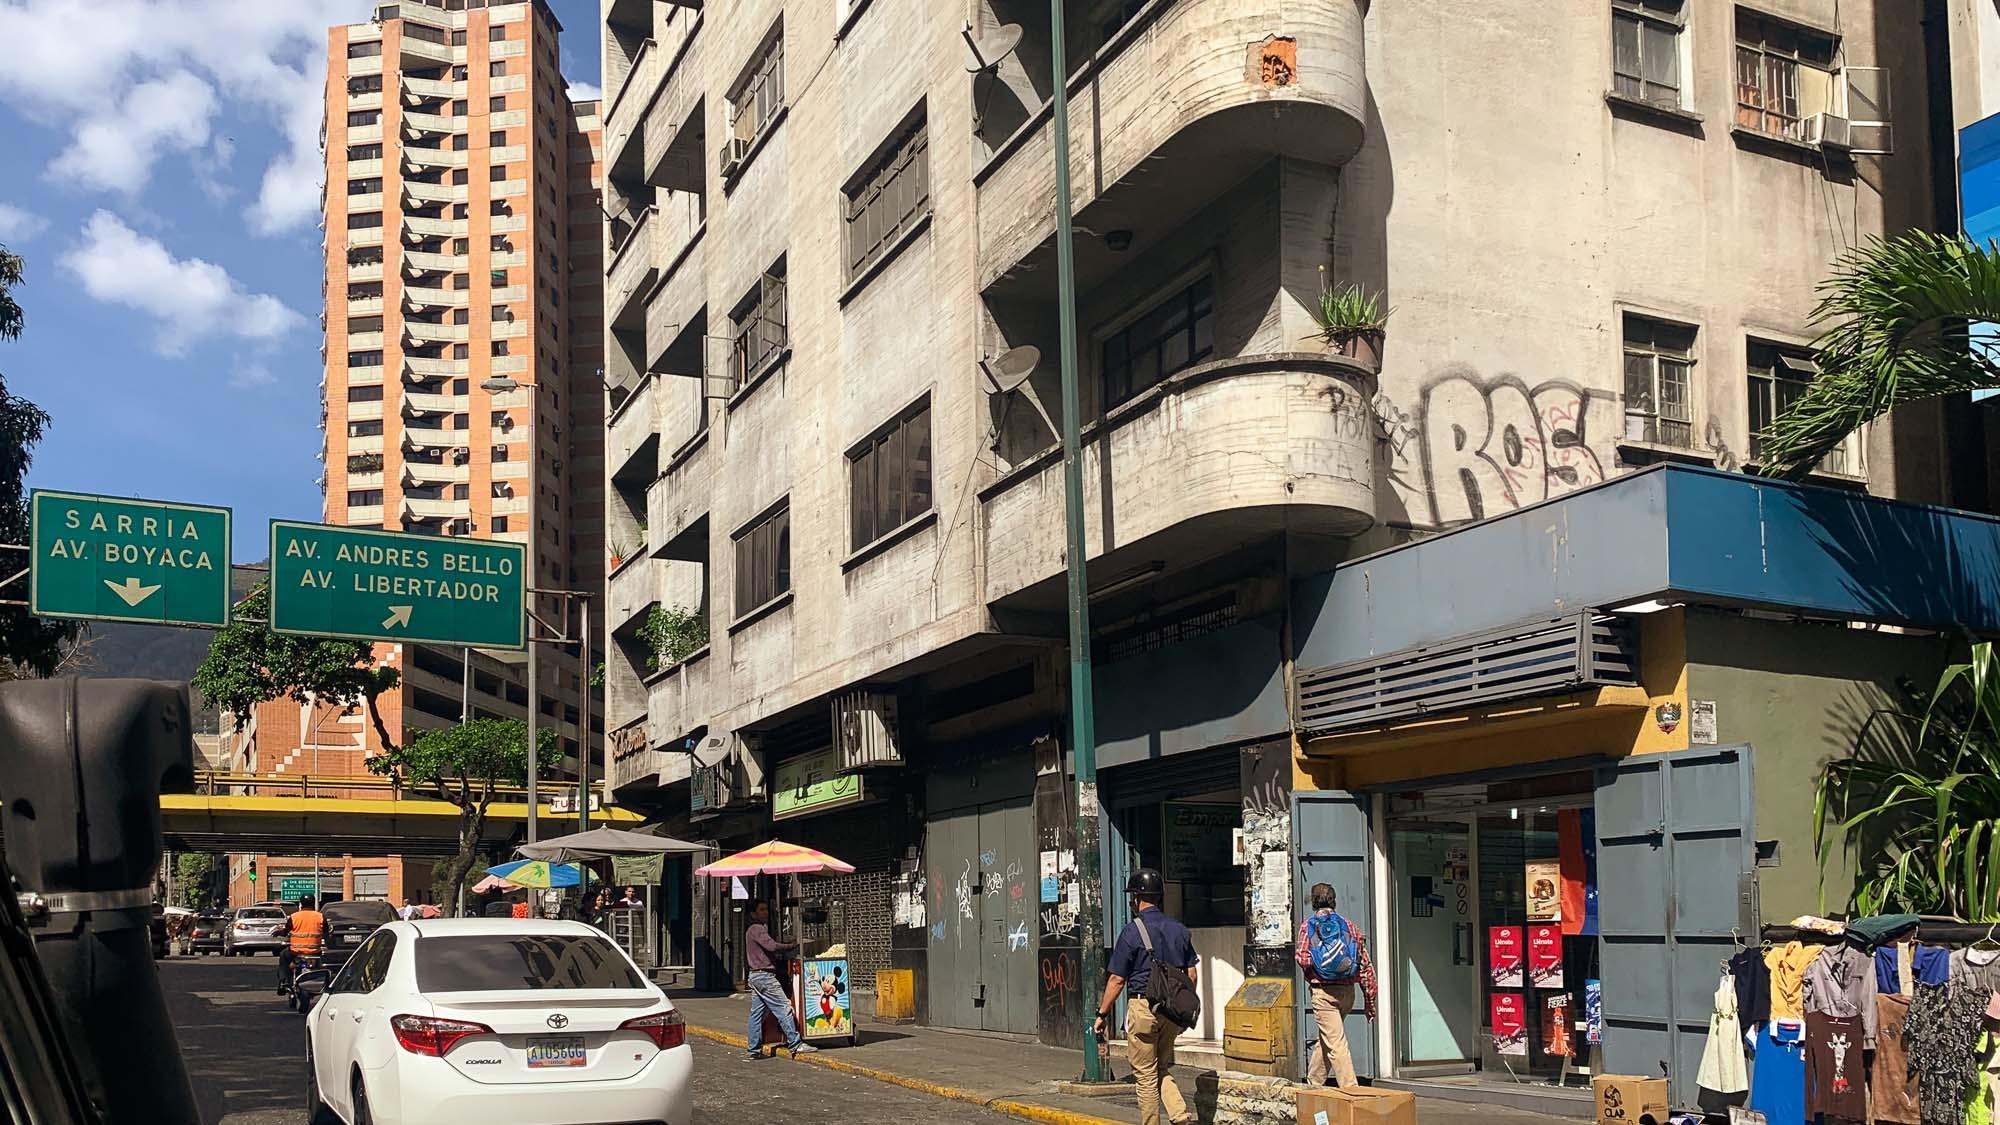 Straßenszene in Caracas